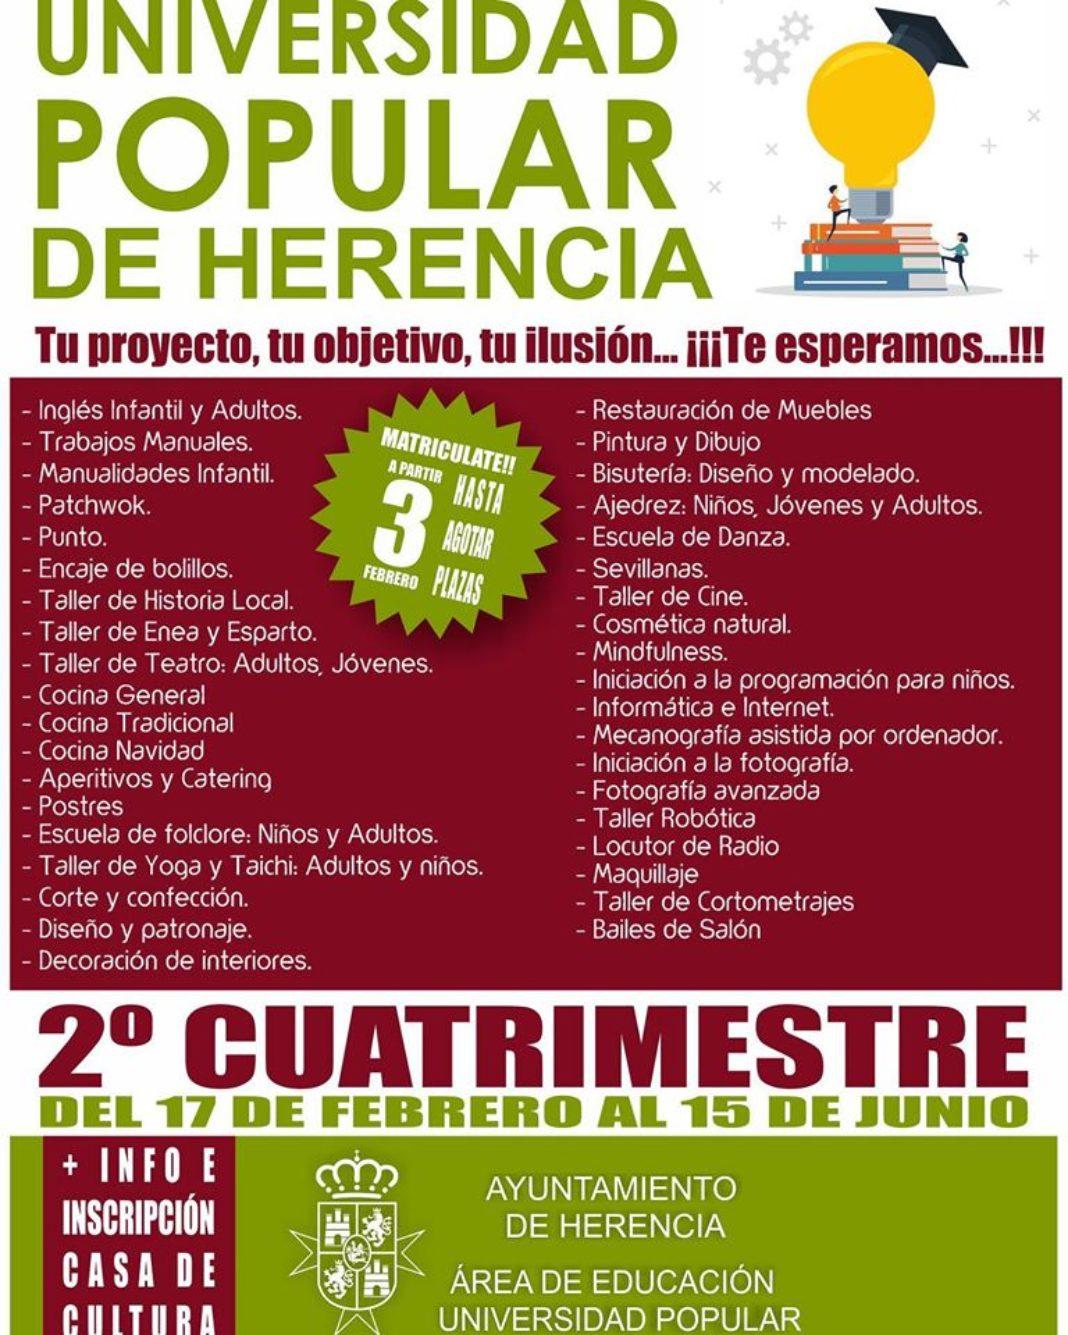 universidad popular de herencia 2020 1068x1335 - Matrícula abierta para el segundo cuatrimestre de la Universidad Popular de Herencia